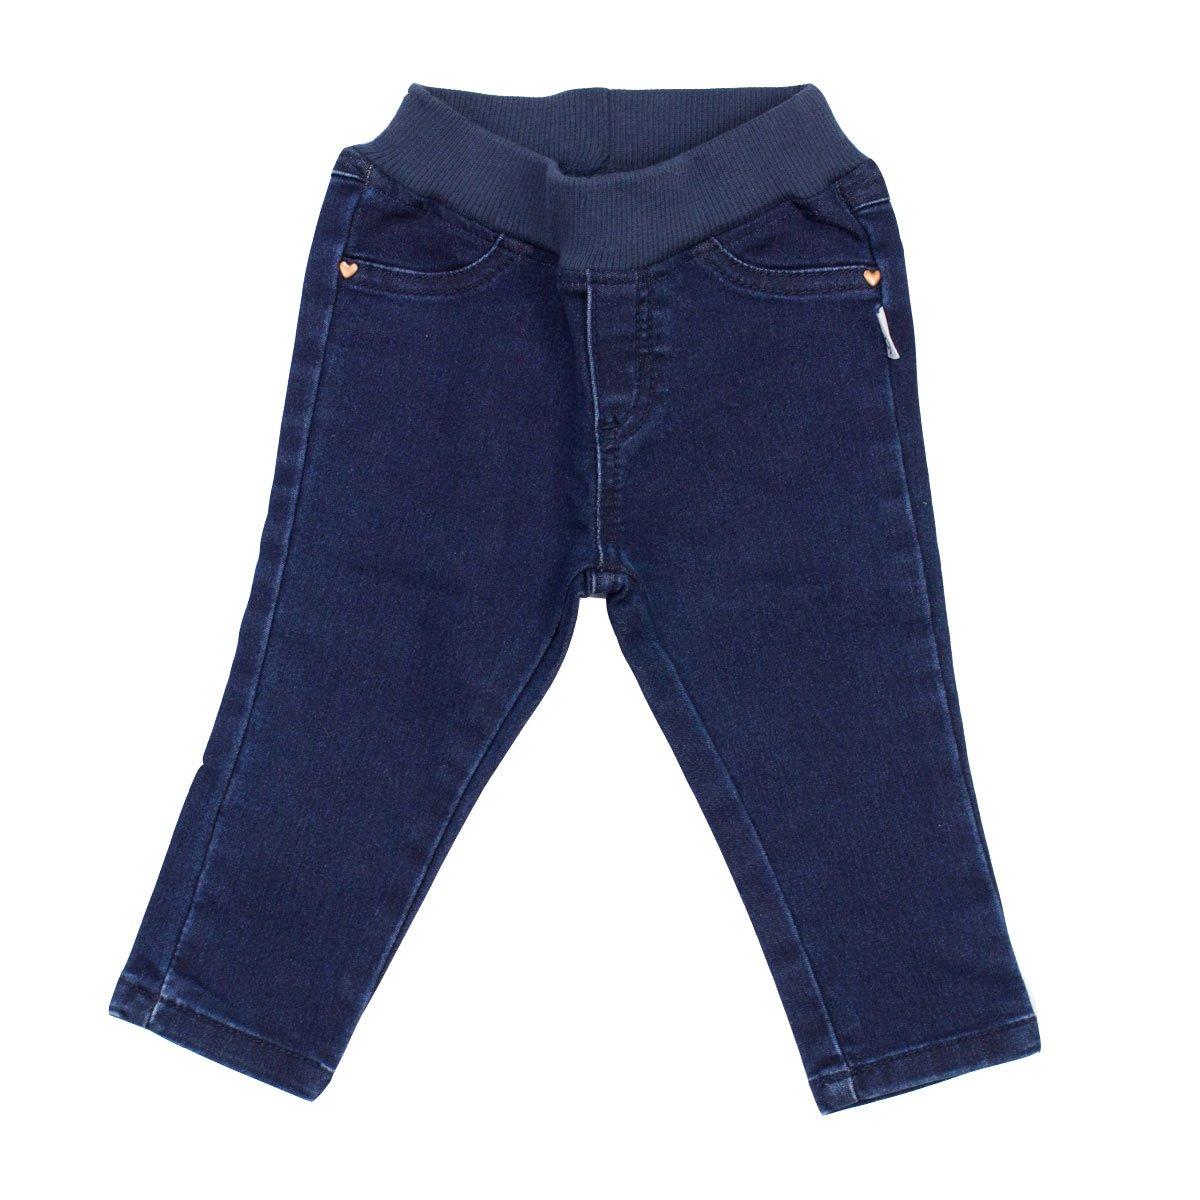 e82db424e Bizz Store - Calça Legging Jeans Infantil Menina Hering Kids